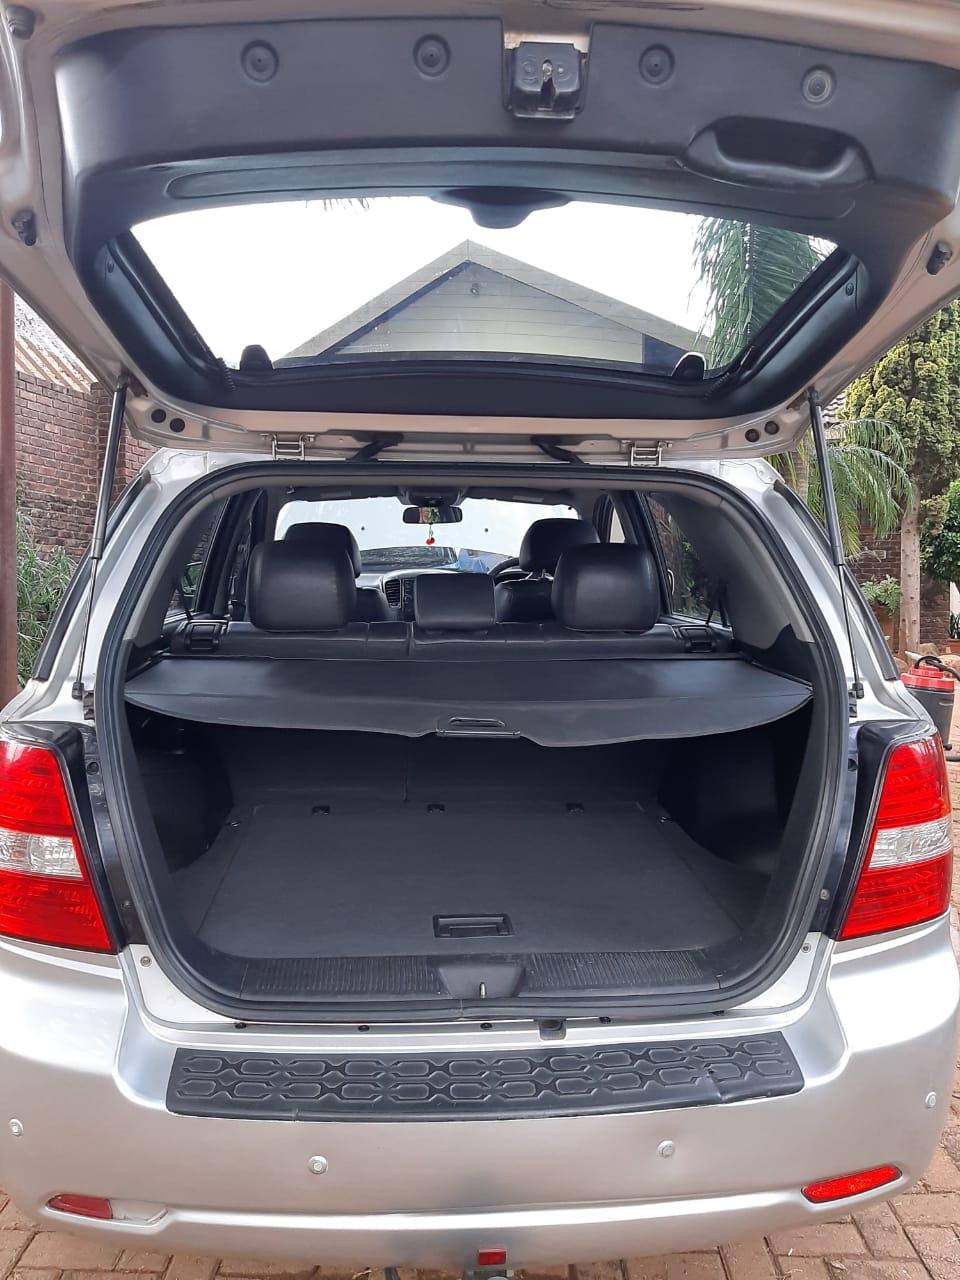 2008 Kia Sorento 2.5CRDi 4x4 automatic